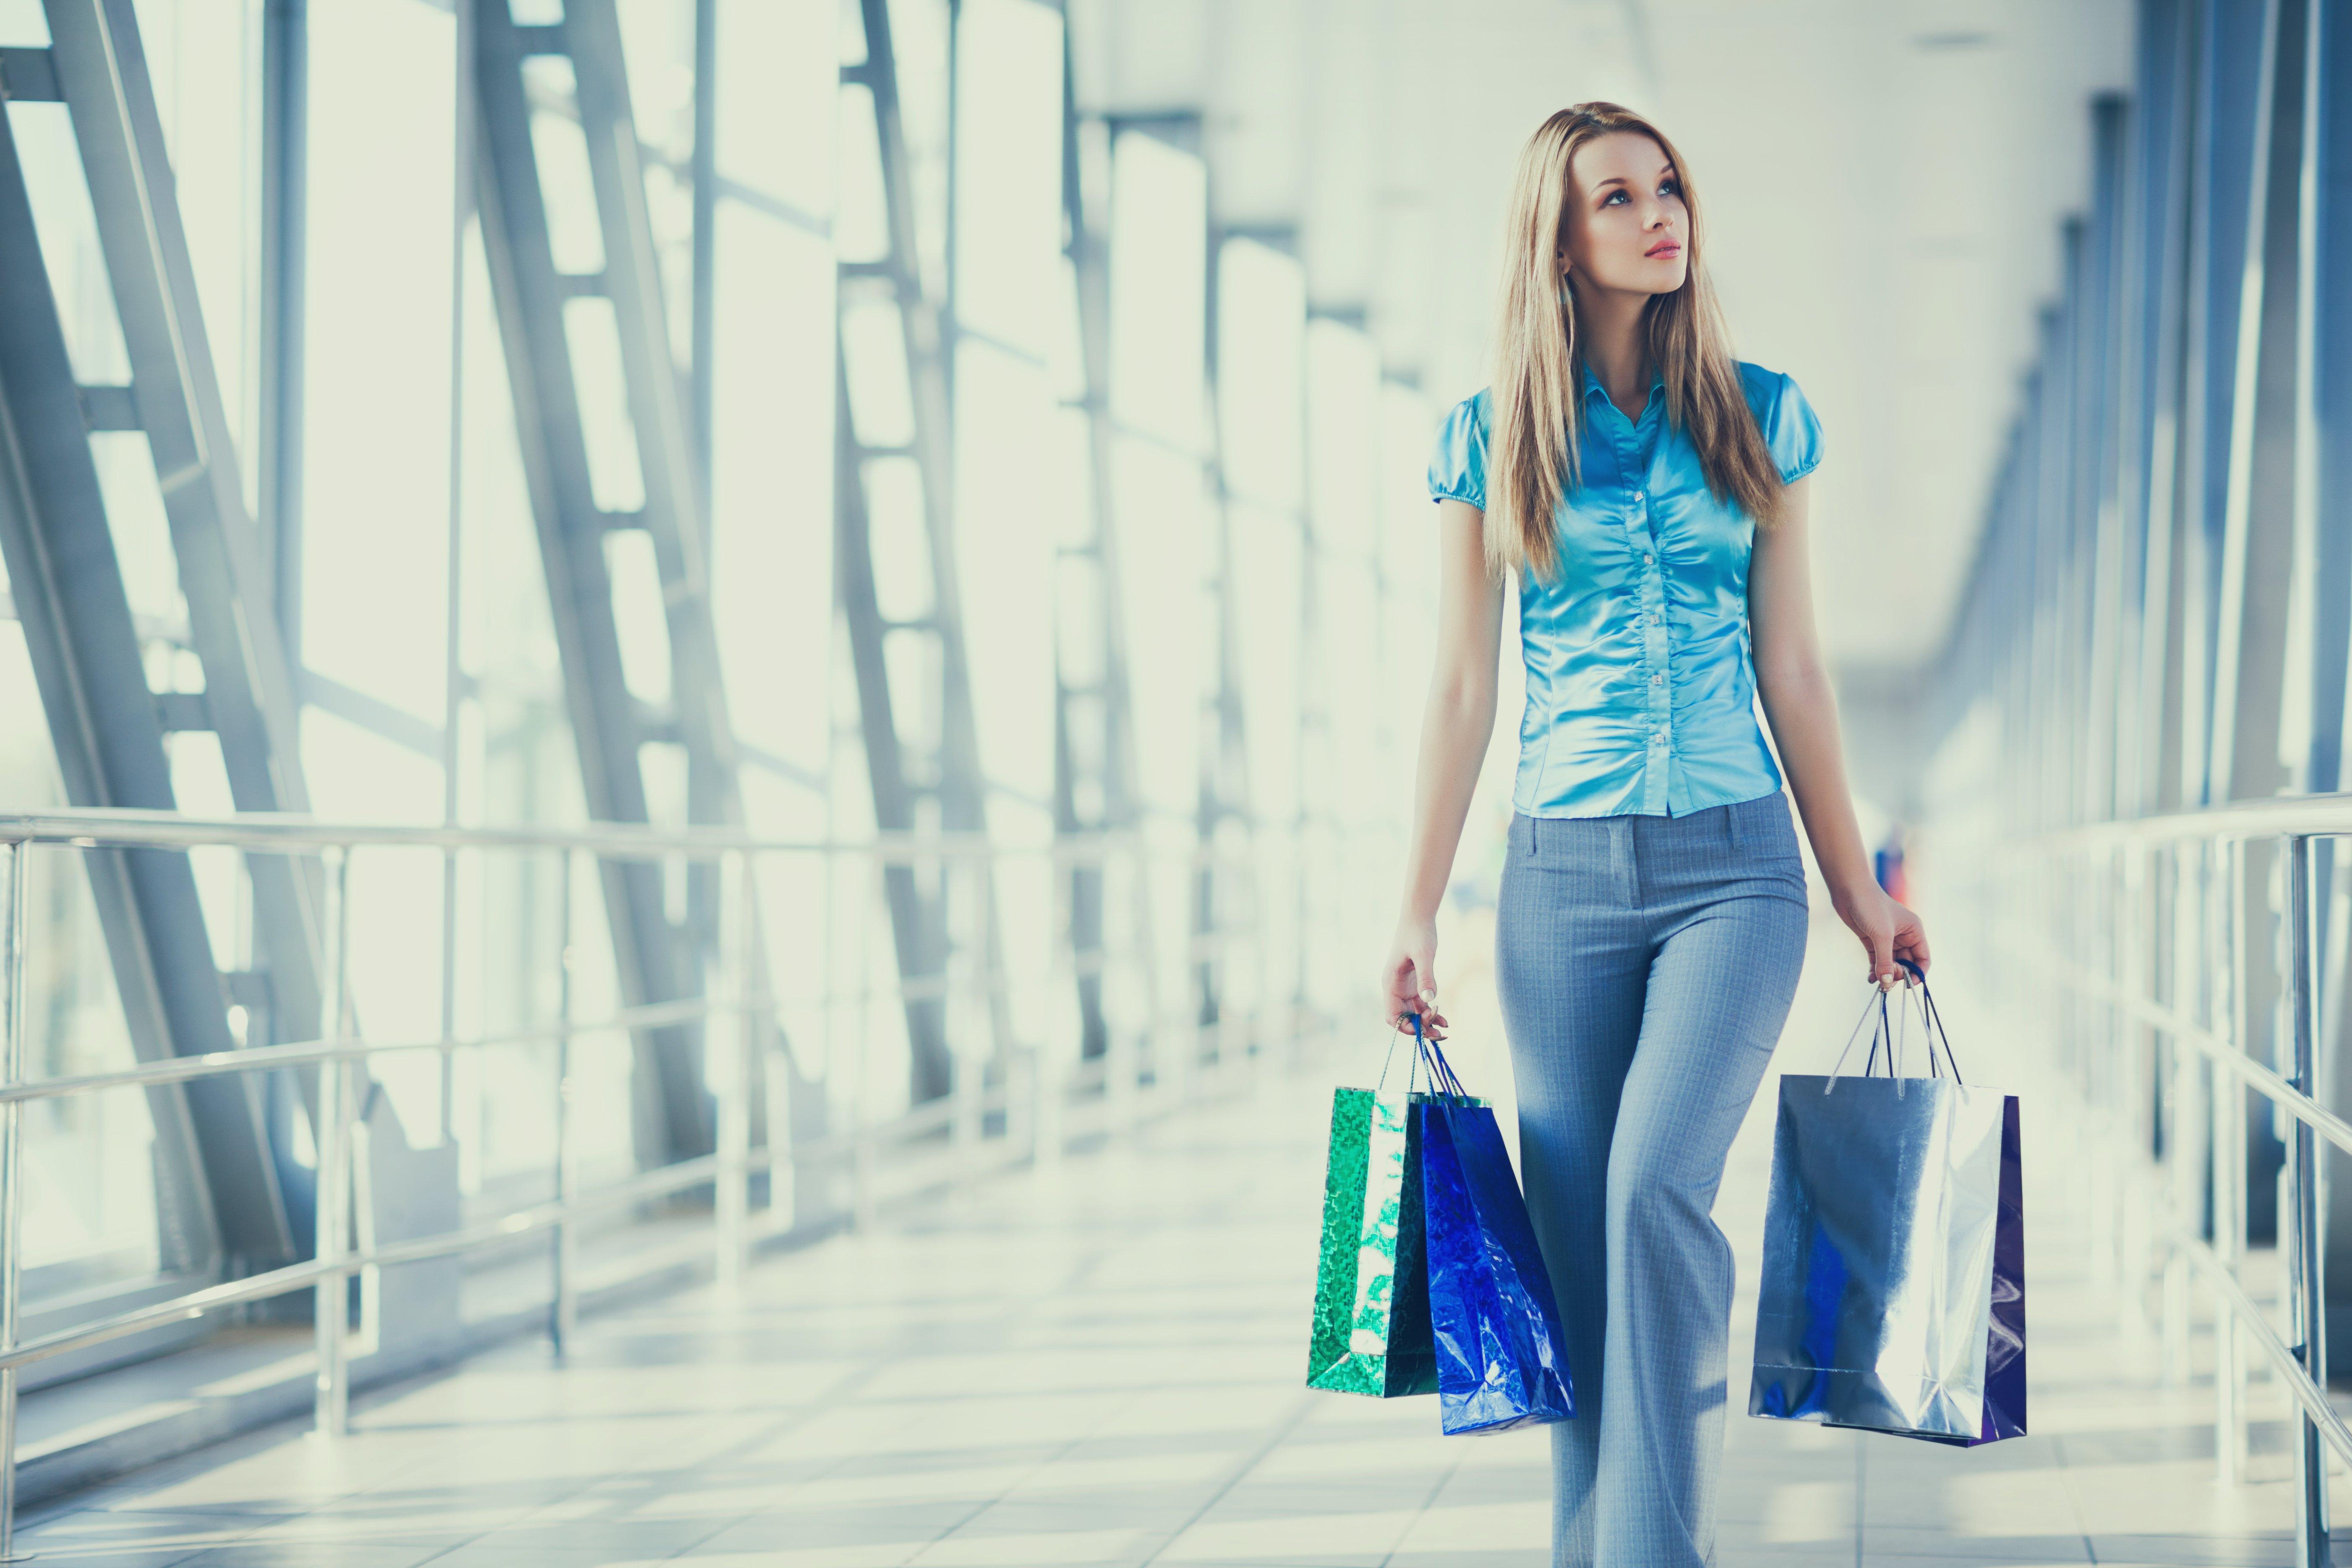 beautiful-women-posing-standing-in-shopping-mall-GNTUP4Z(1)